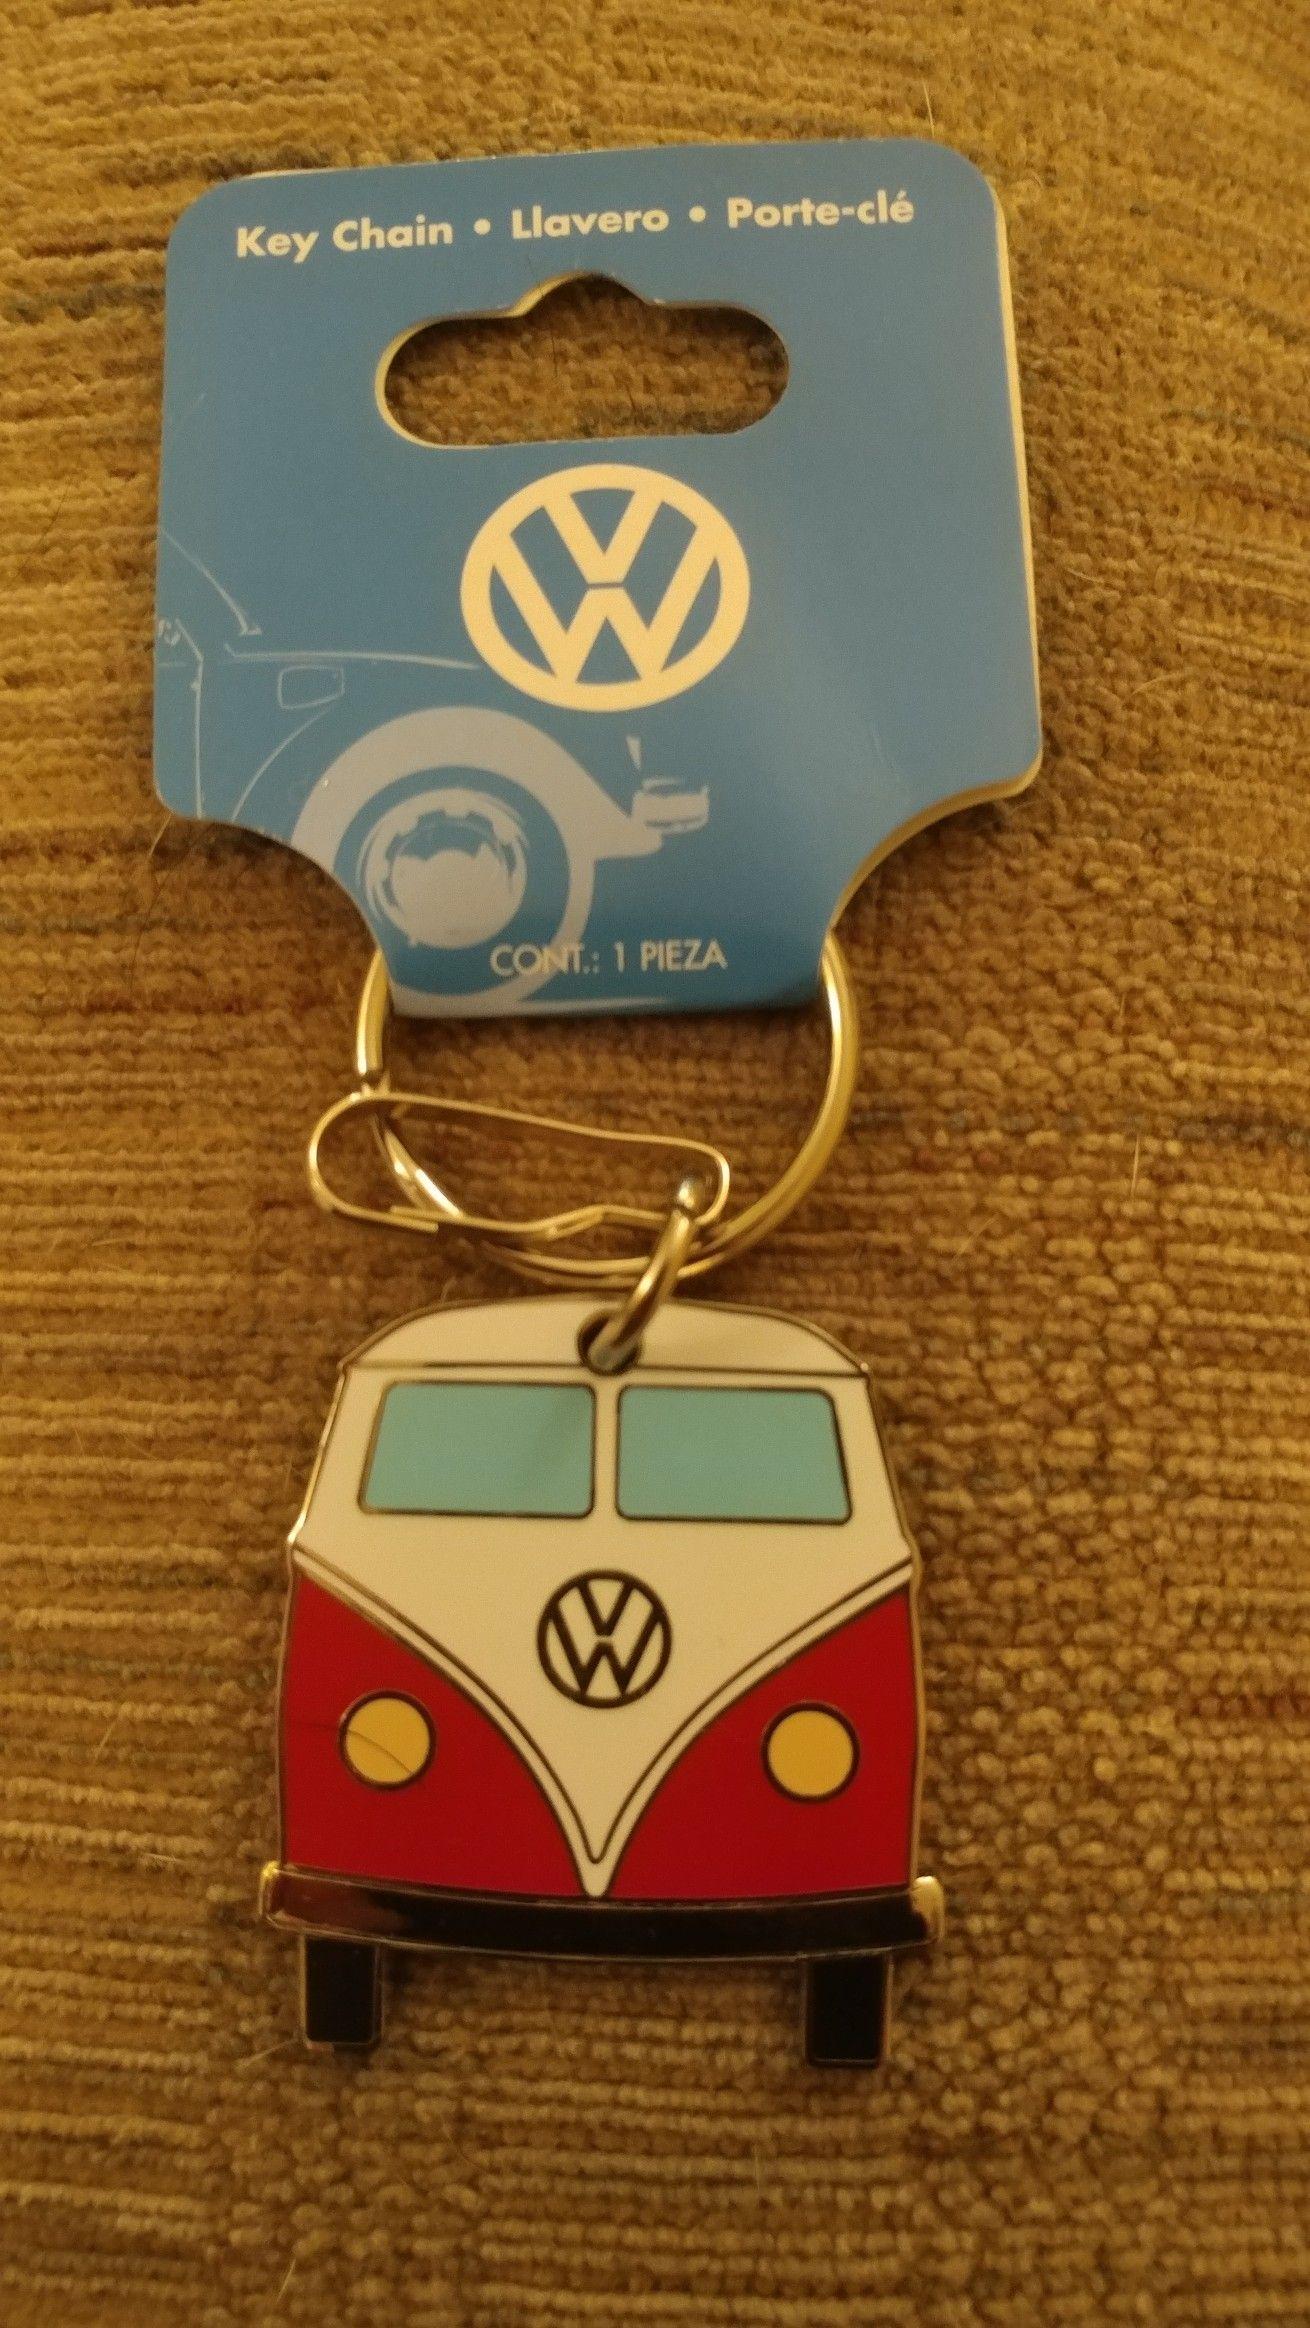 Campervan Key Ring VW Campervan Voltswagen Camper Camper van Key Chain VW Camper VW Key Chain